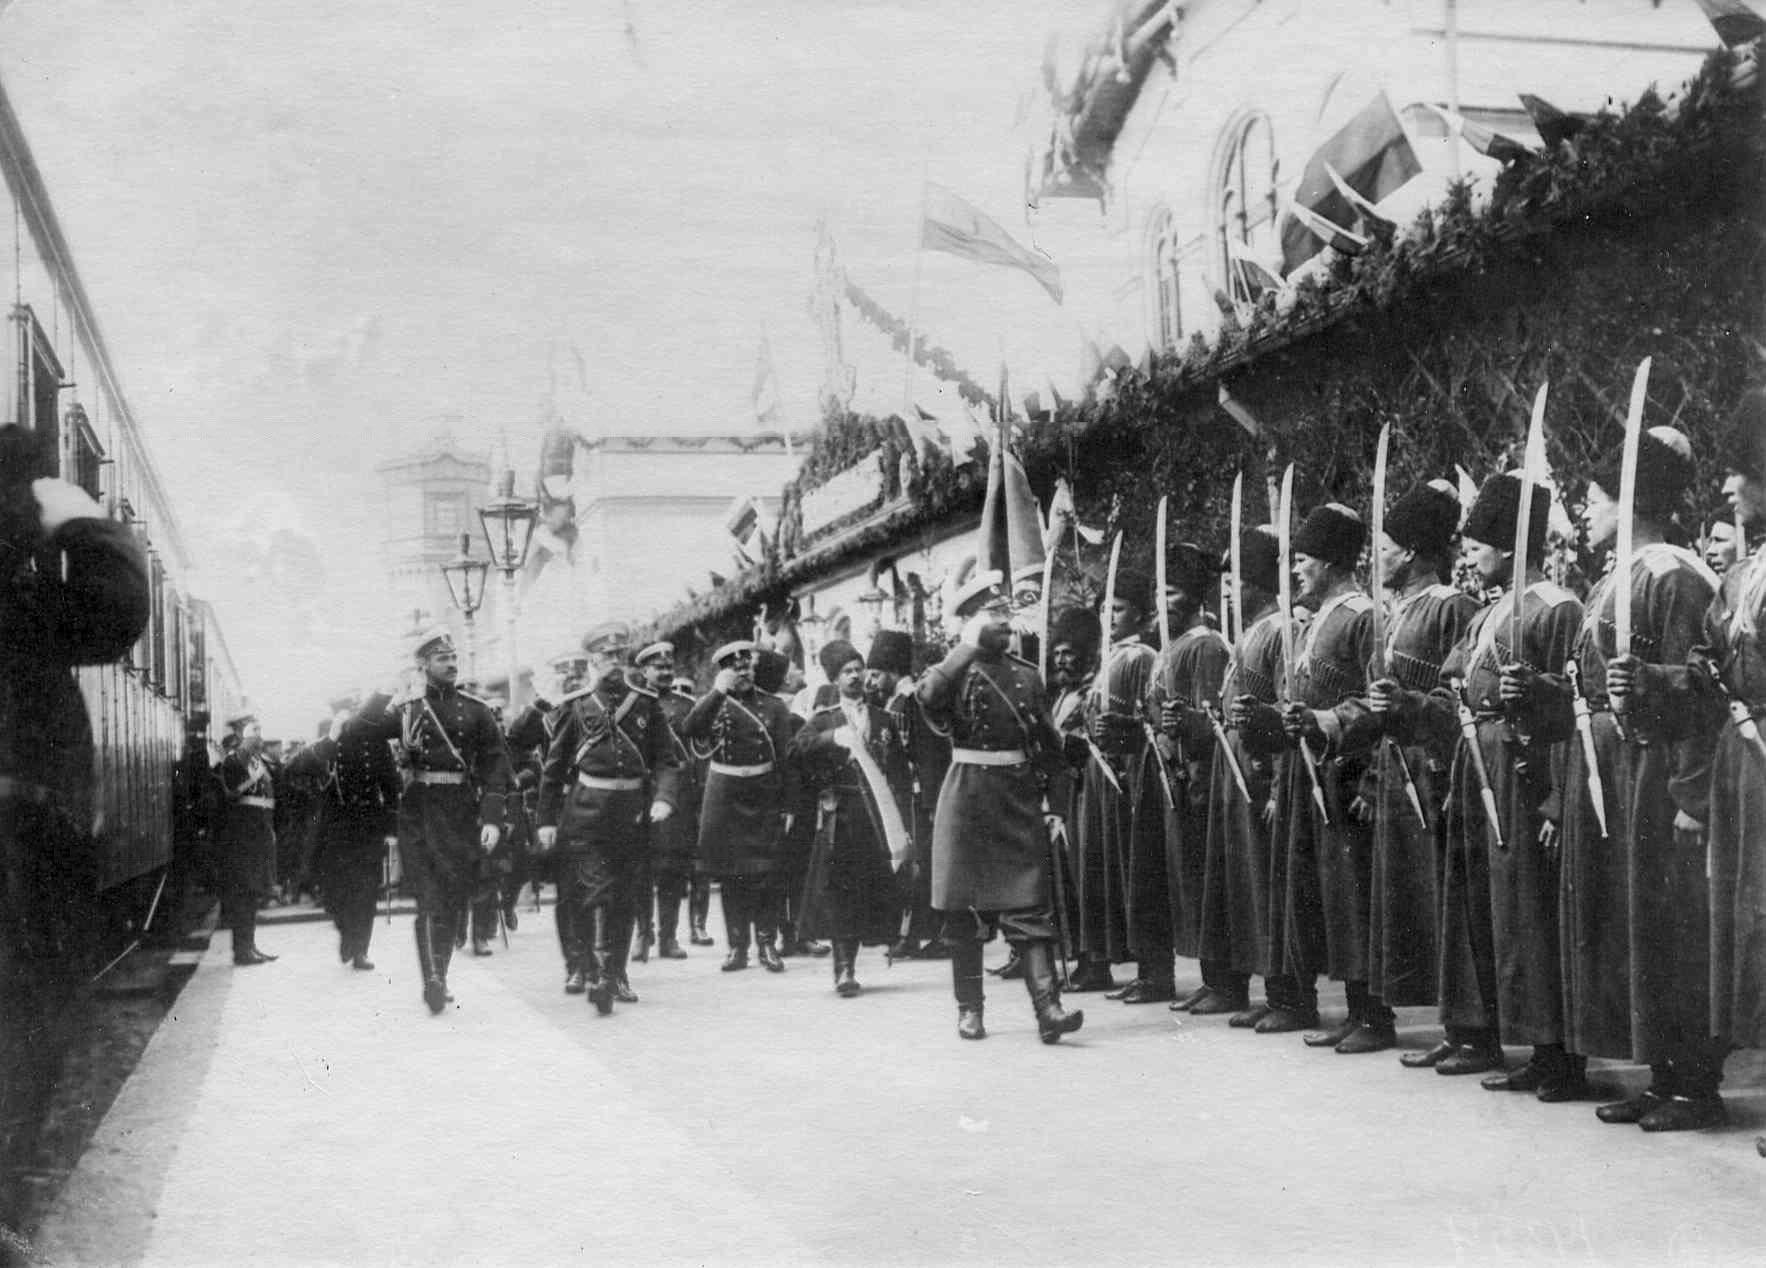 Император Николай II обходит почетный караул 1-го Волжского казачьего полка Терского войска перед отправкой его